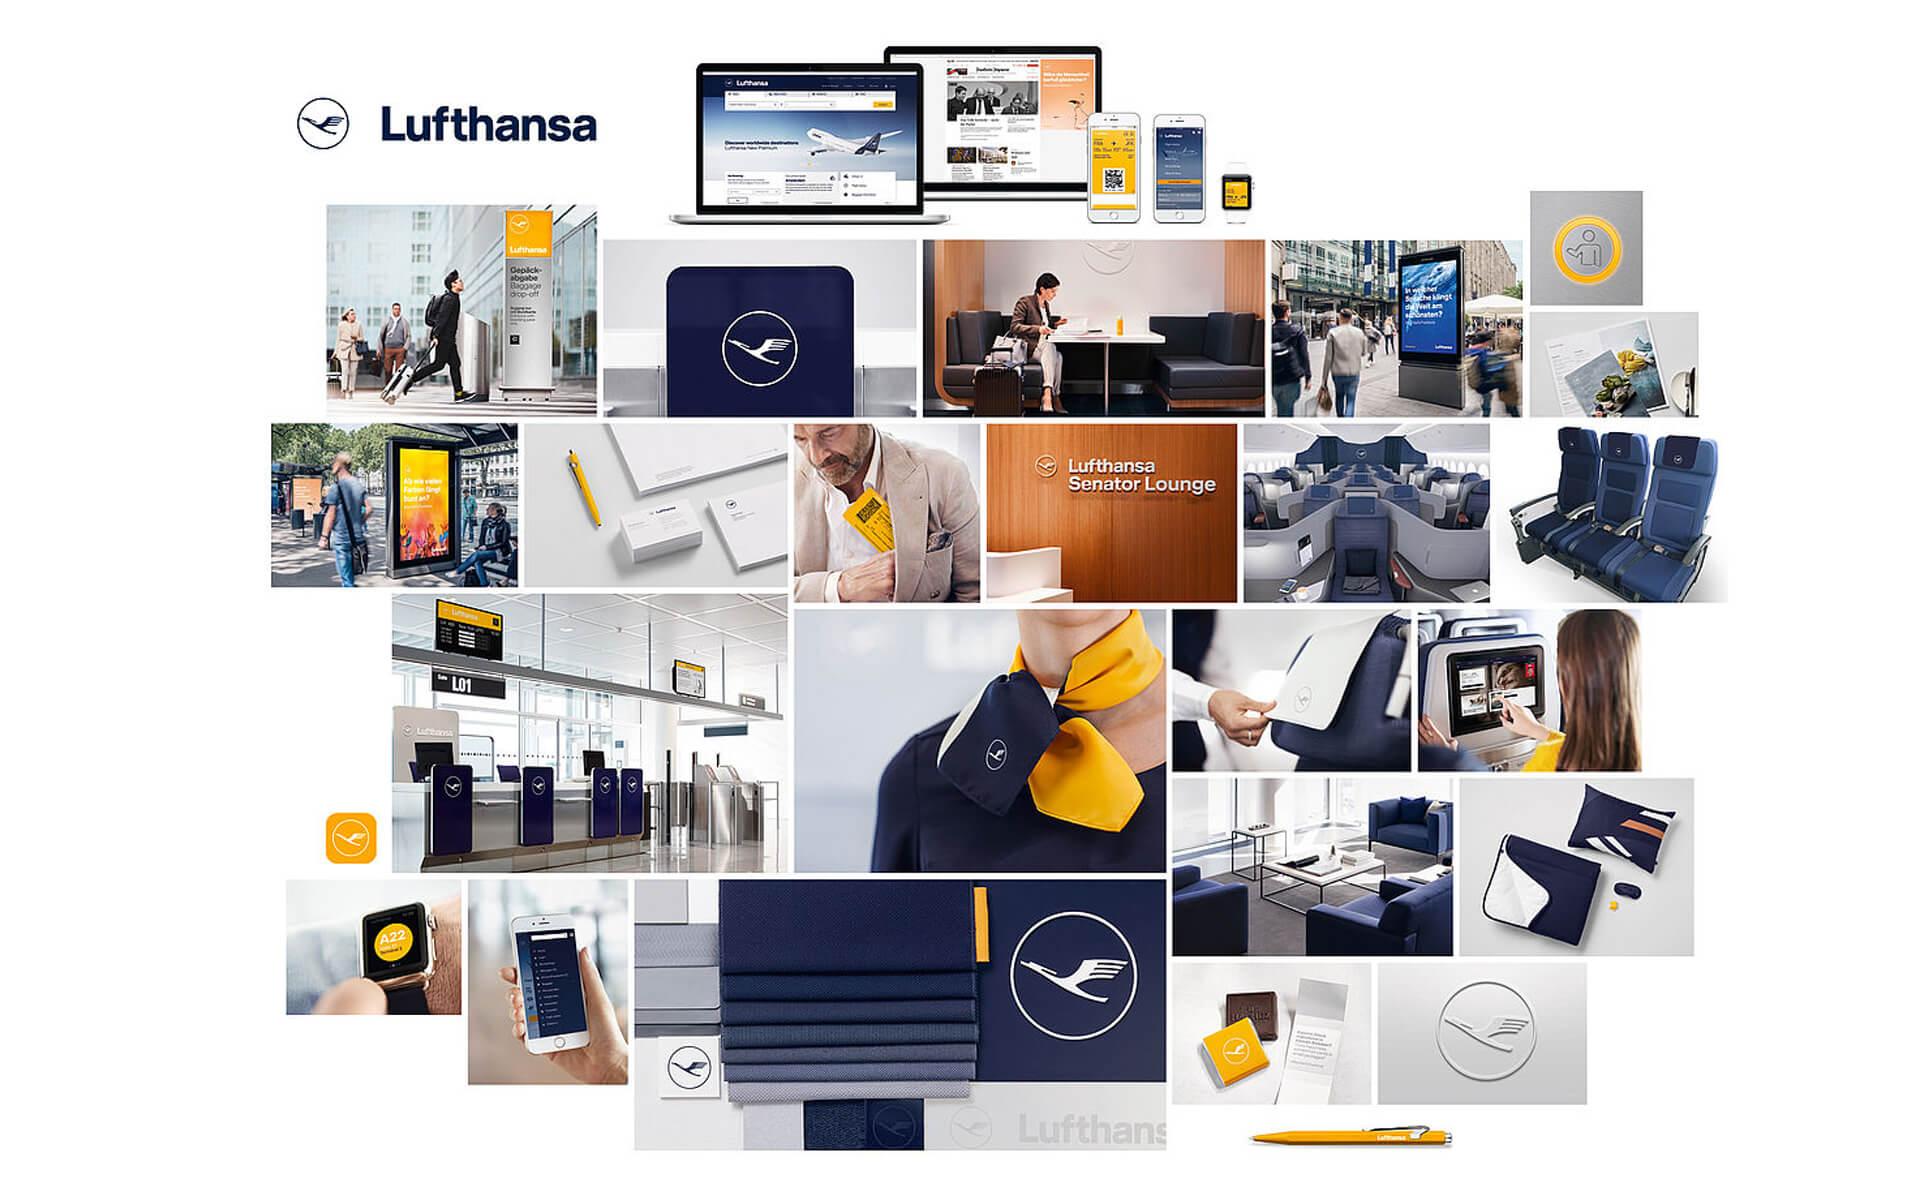 Lufthansa Corporate Design 2018, Medien